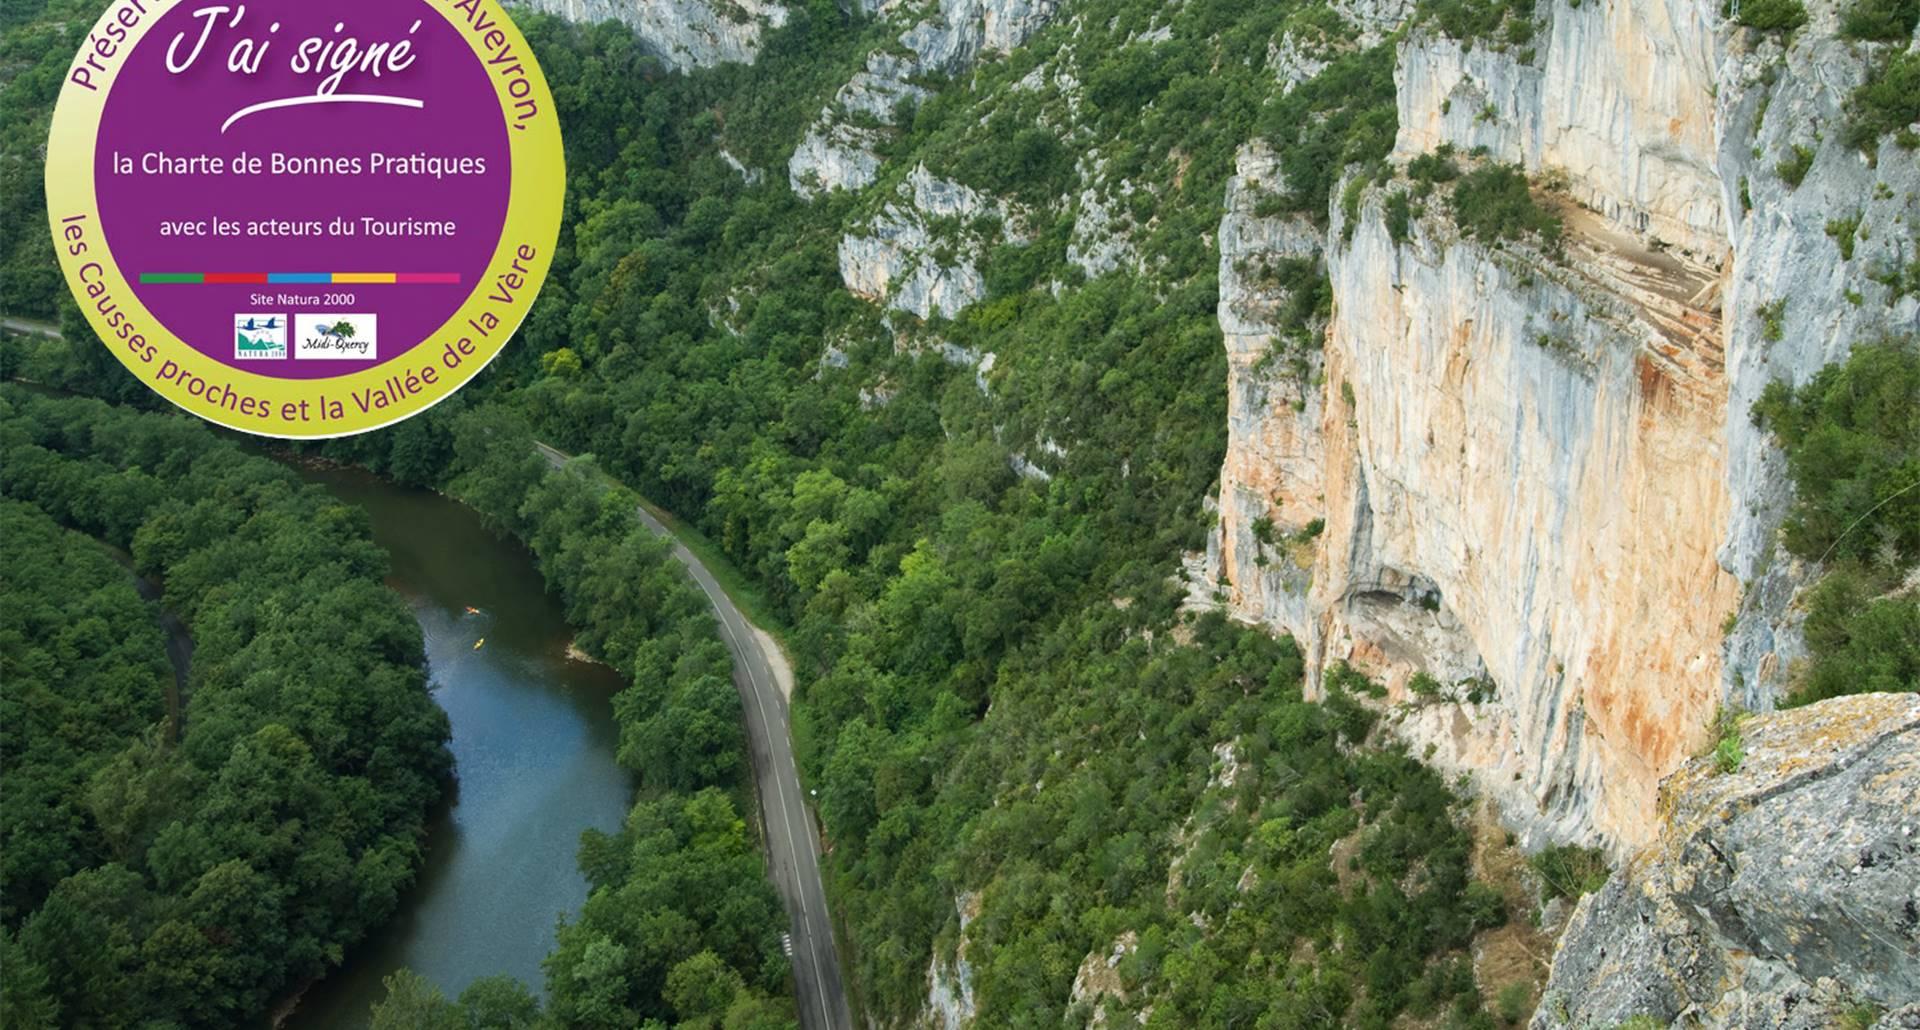 Vue aérienne de la falaise des capucins surplombant la rivière Aveyron dans le Tarn et Garonne